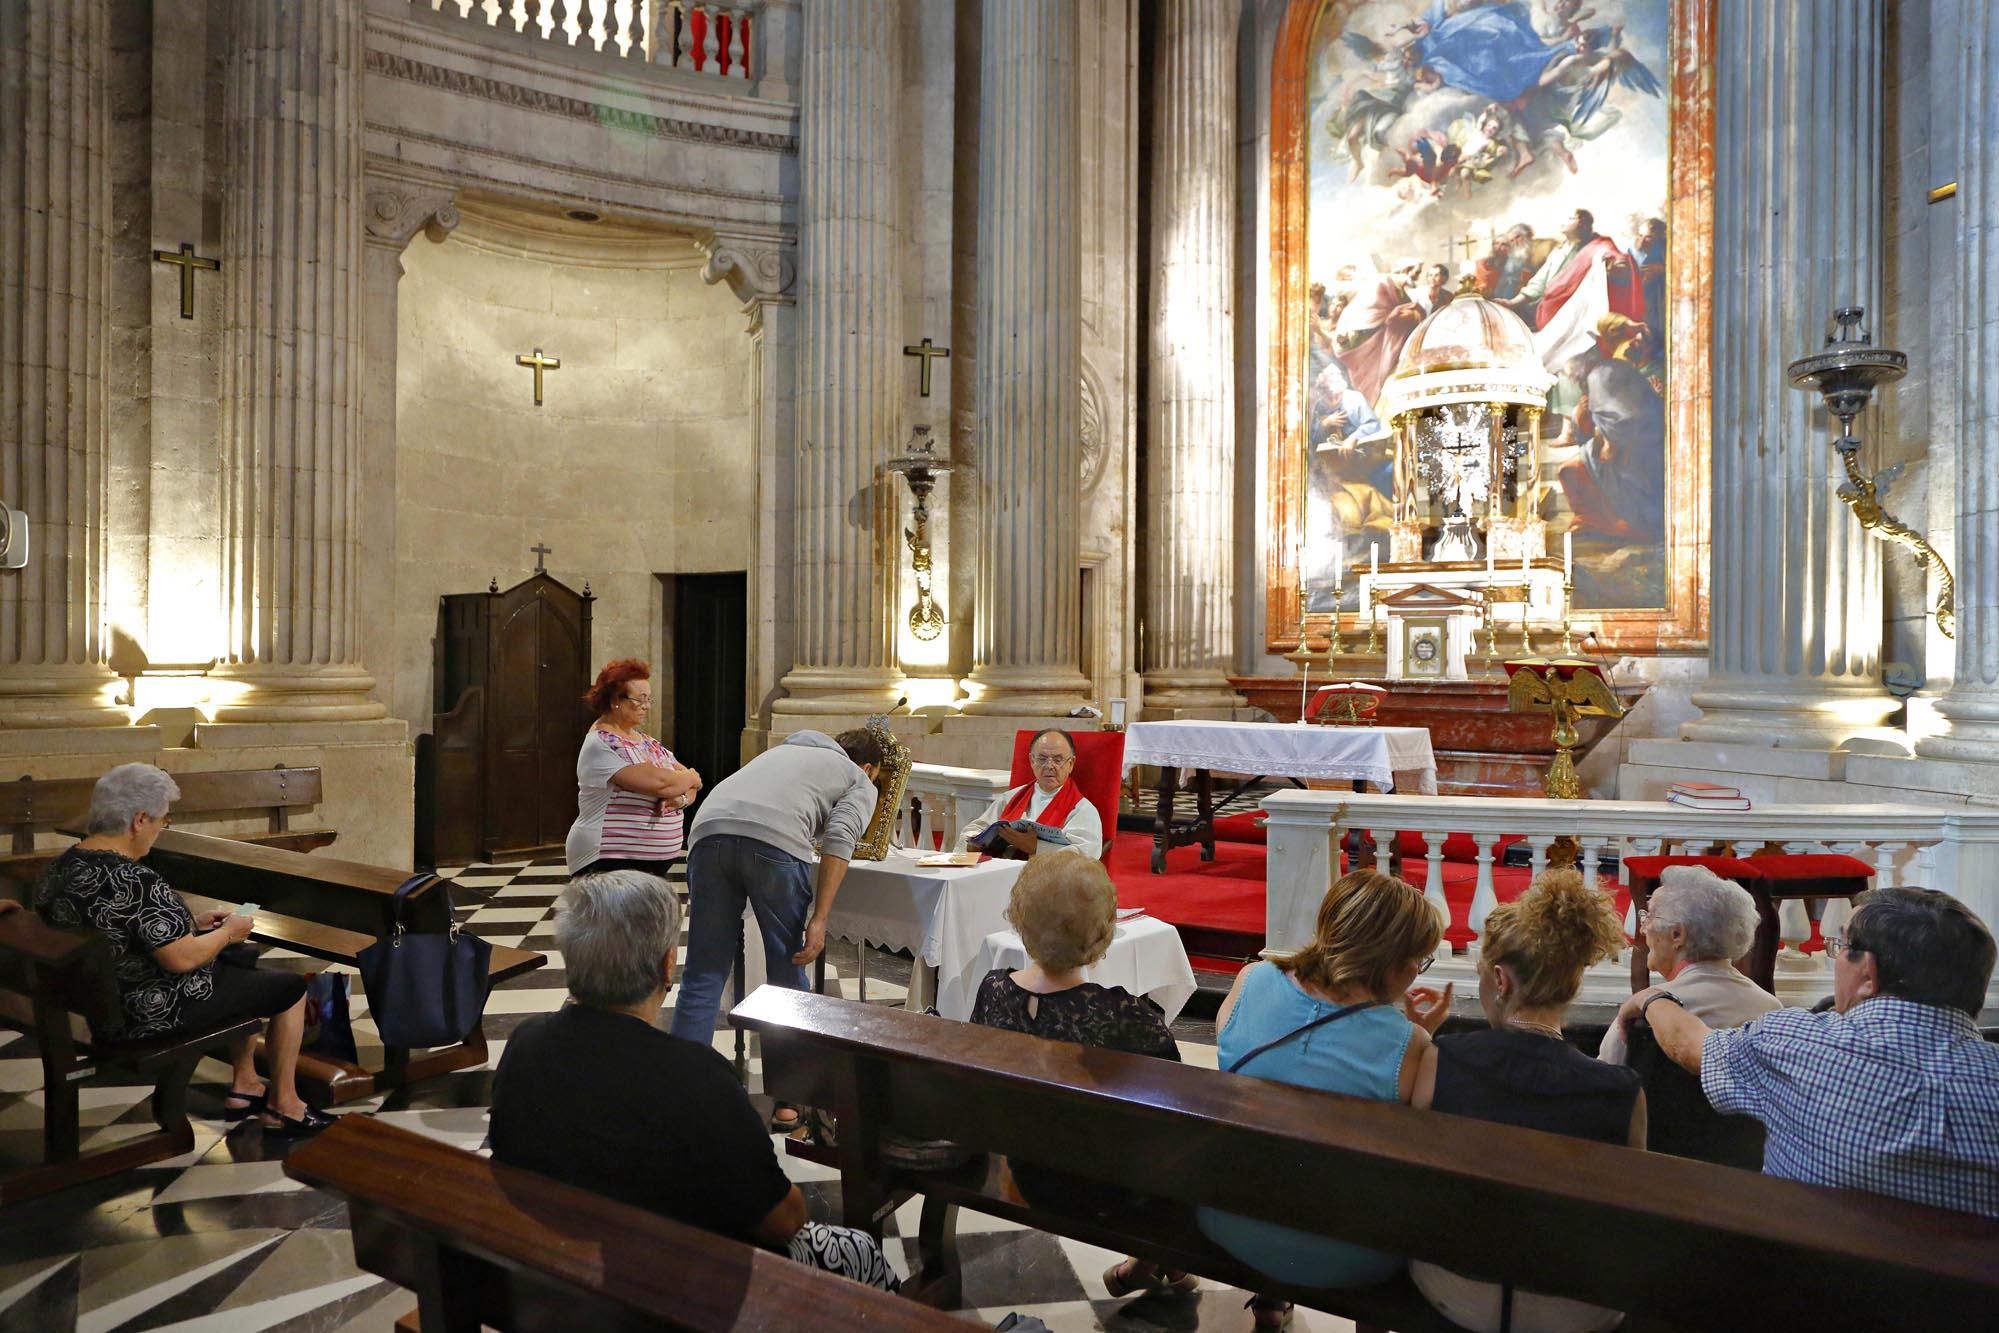 El Santo Rostro se expone cada viernes en 'El Camarín'. Es tradición besar la imagen.